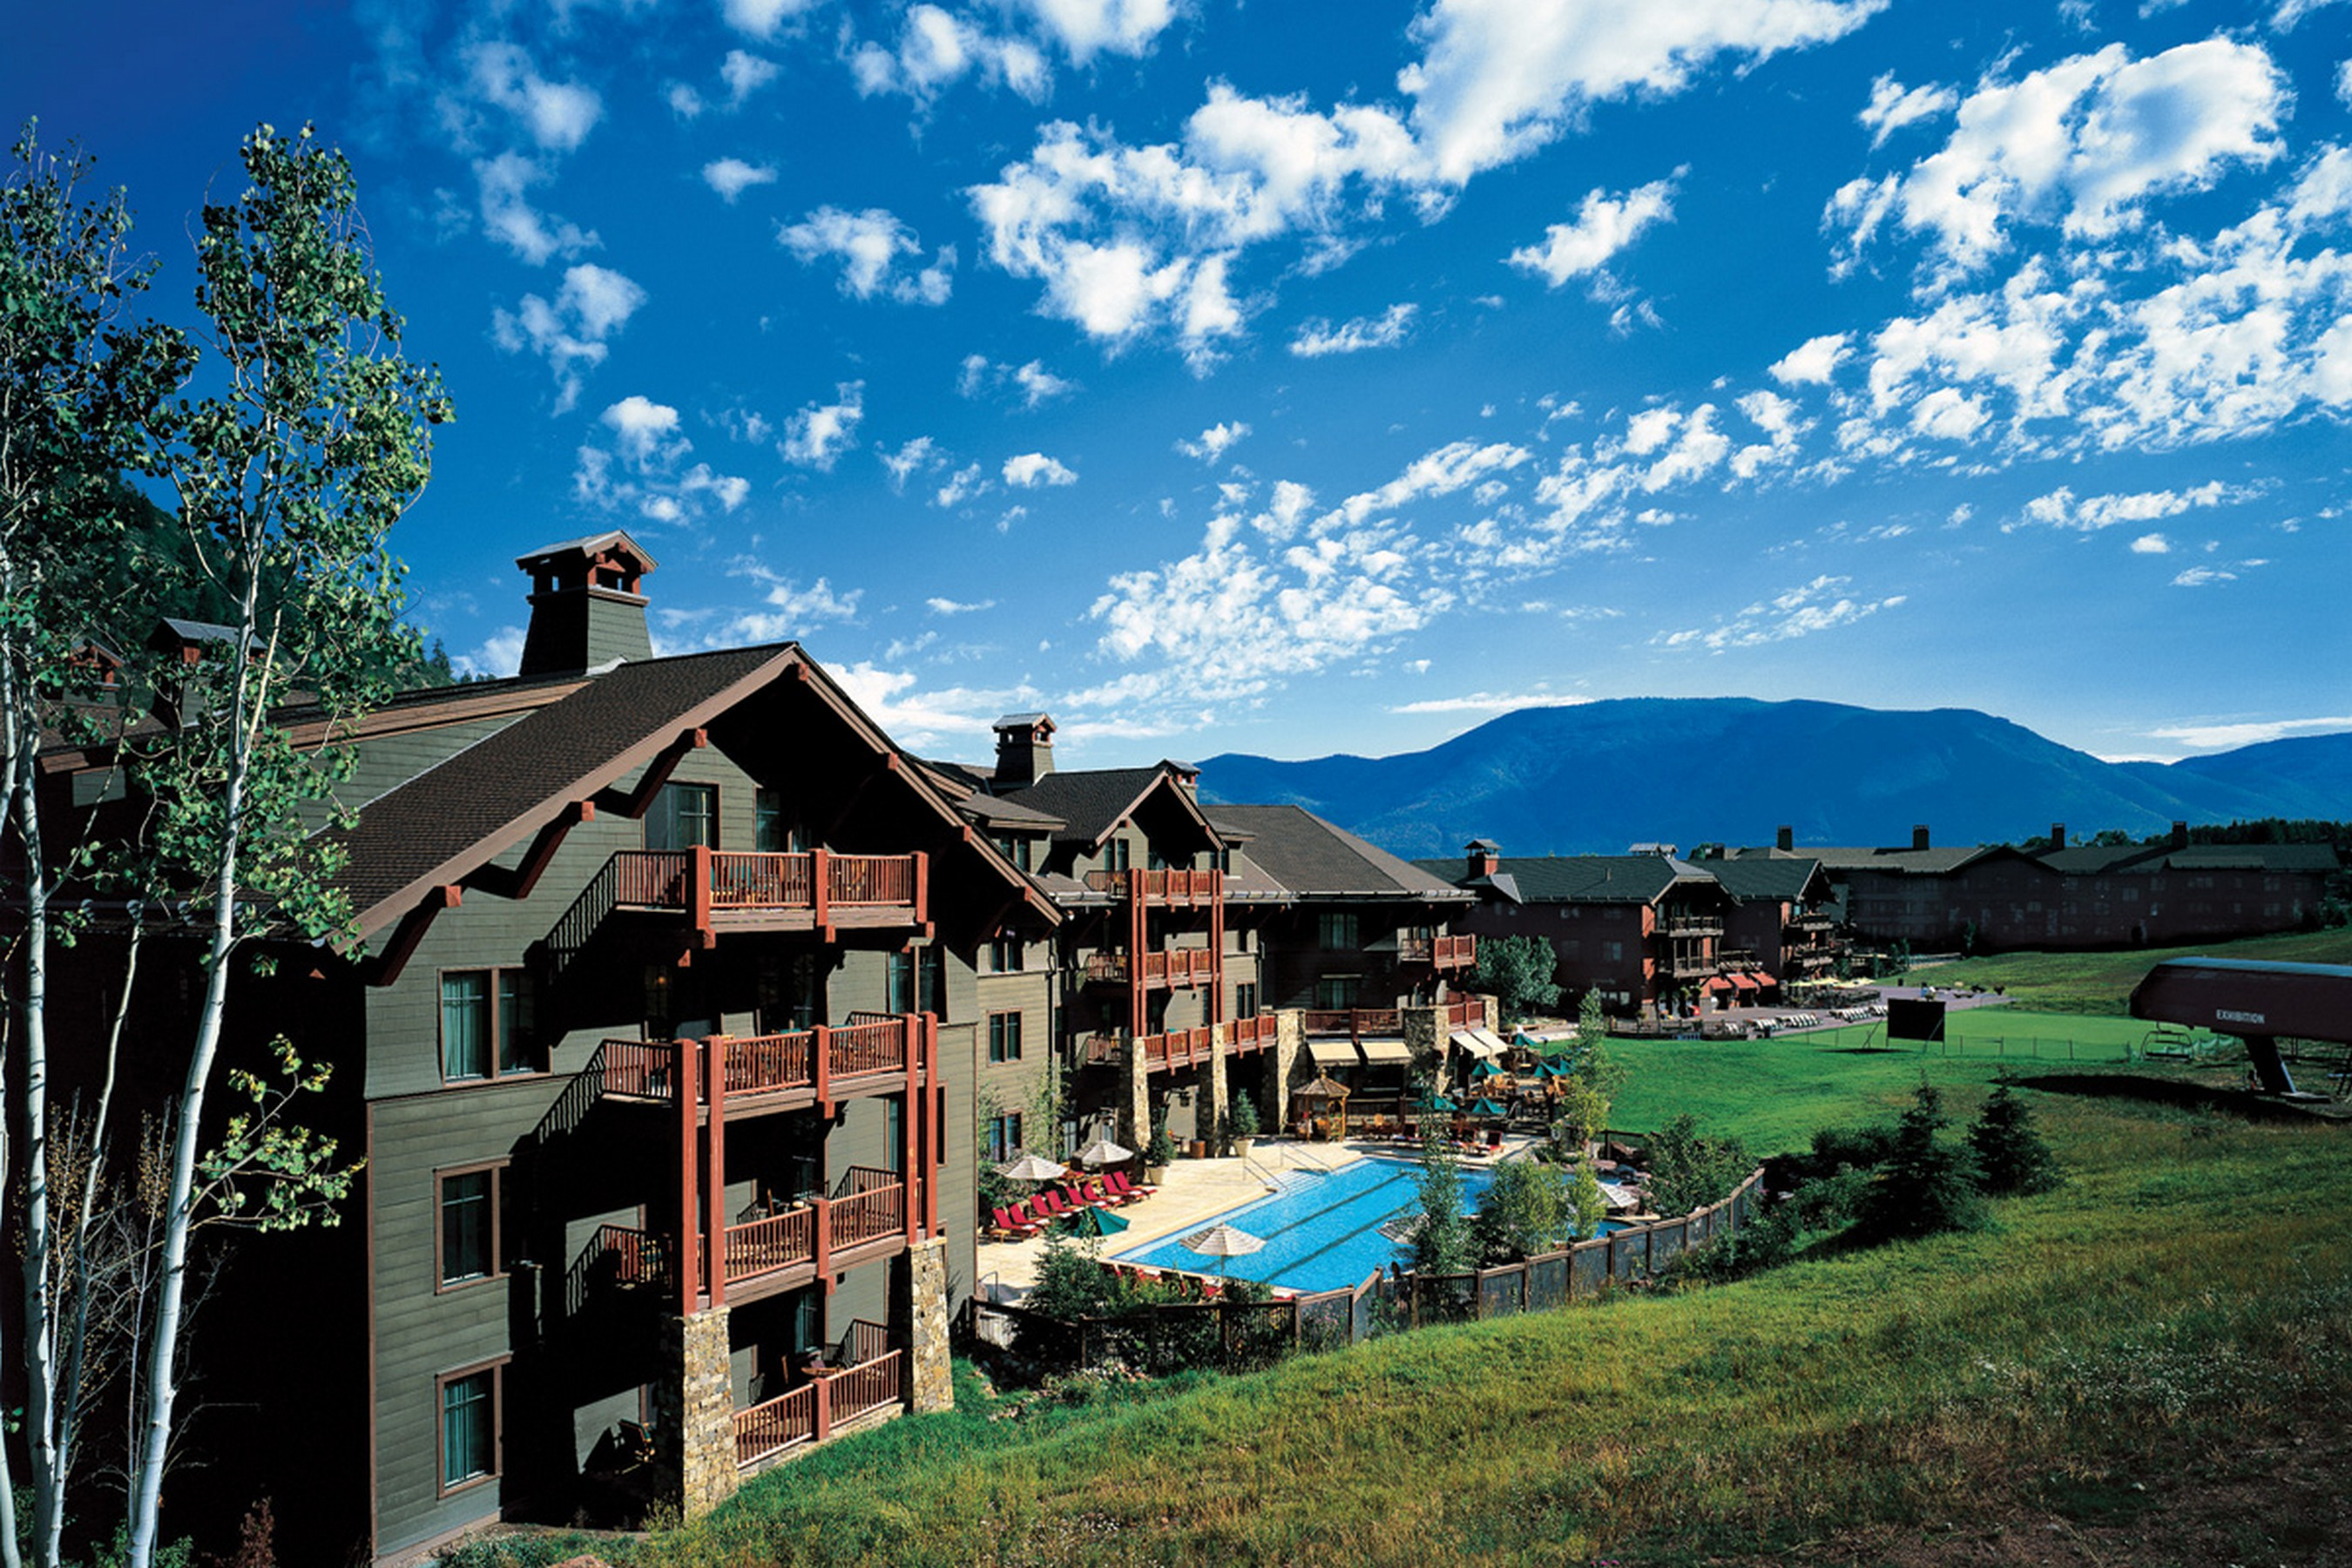 Долевое владение для того Продажа на Ritz-Carlton Club Aspen Highlands Fractional Condo Interest 0075 Prospector Road, 8204, Interest 9, Ritz-Carlton Club Aspen, Колорадо, 81611 Соединенные Штаты